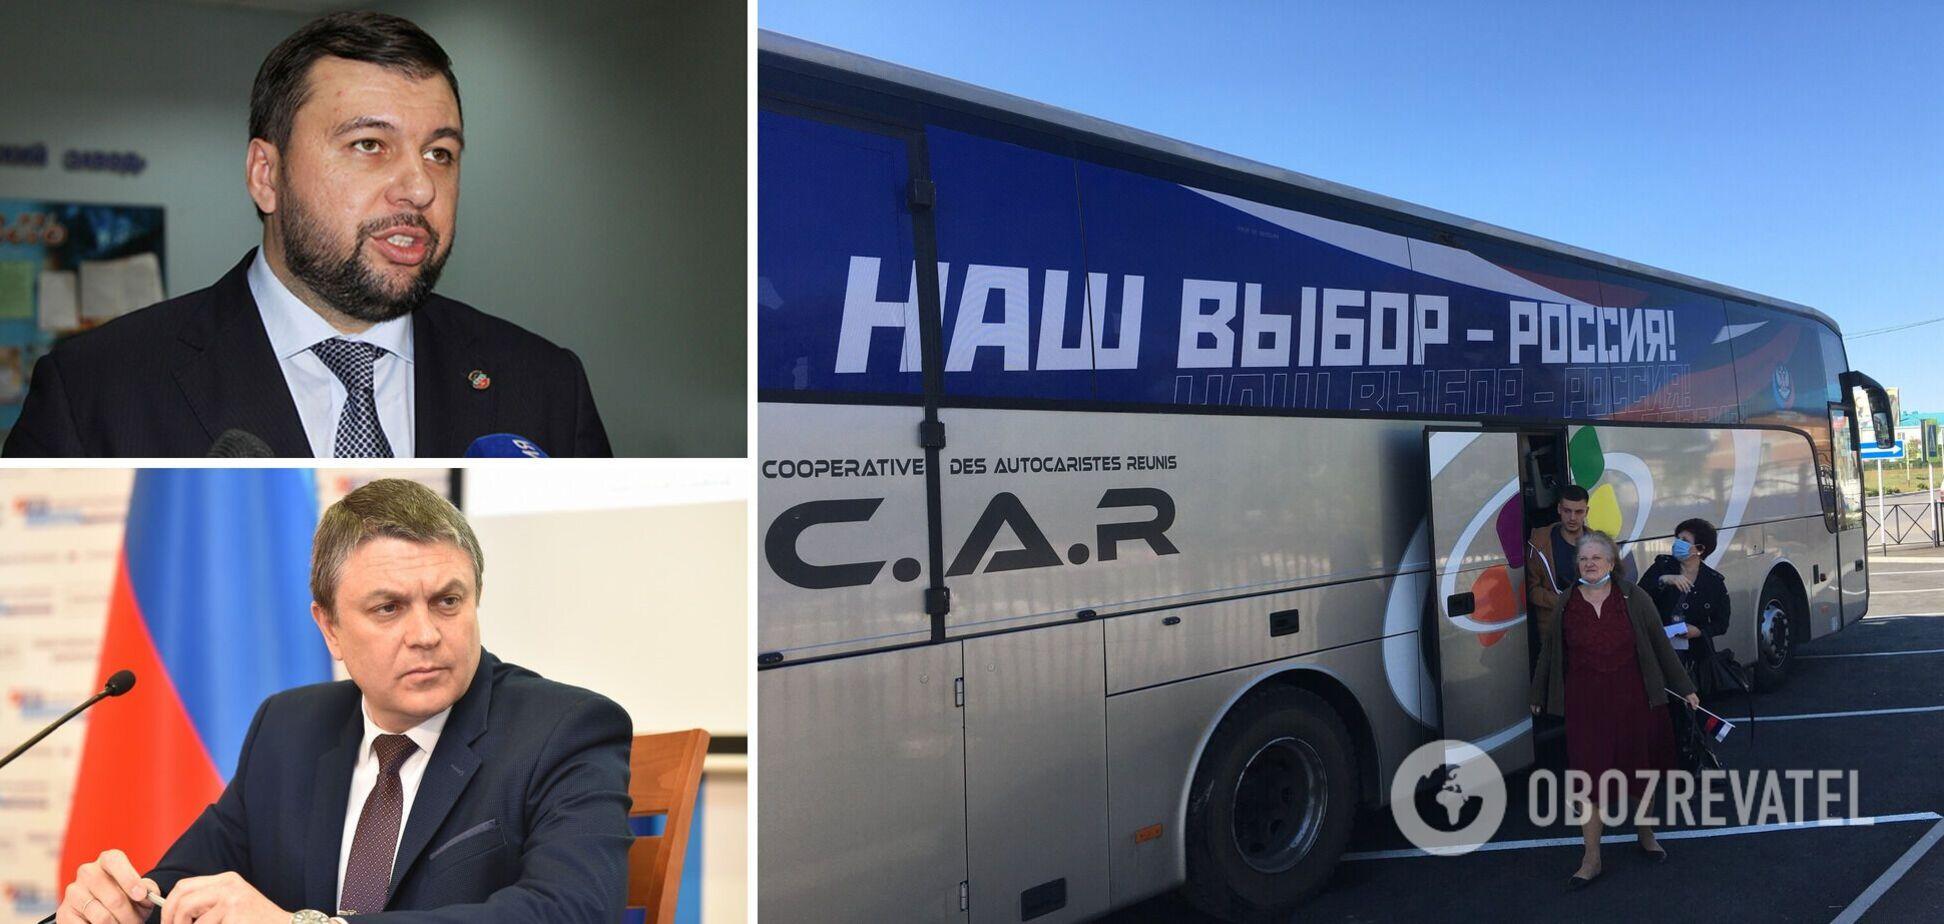 Пушилин и Пасечник попали в ловушку с выборами в РФ: Казанский отметил нюанс